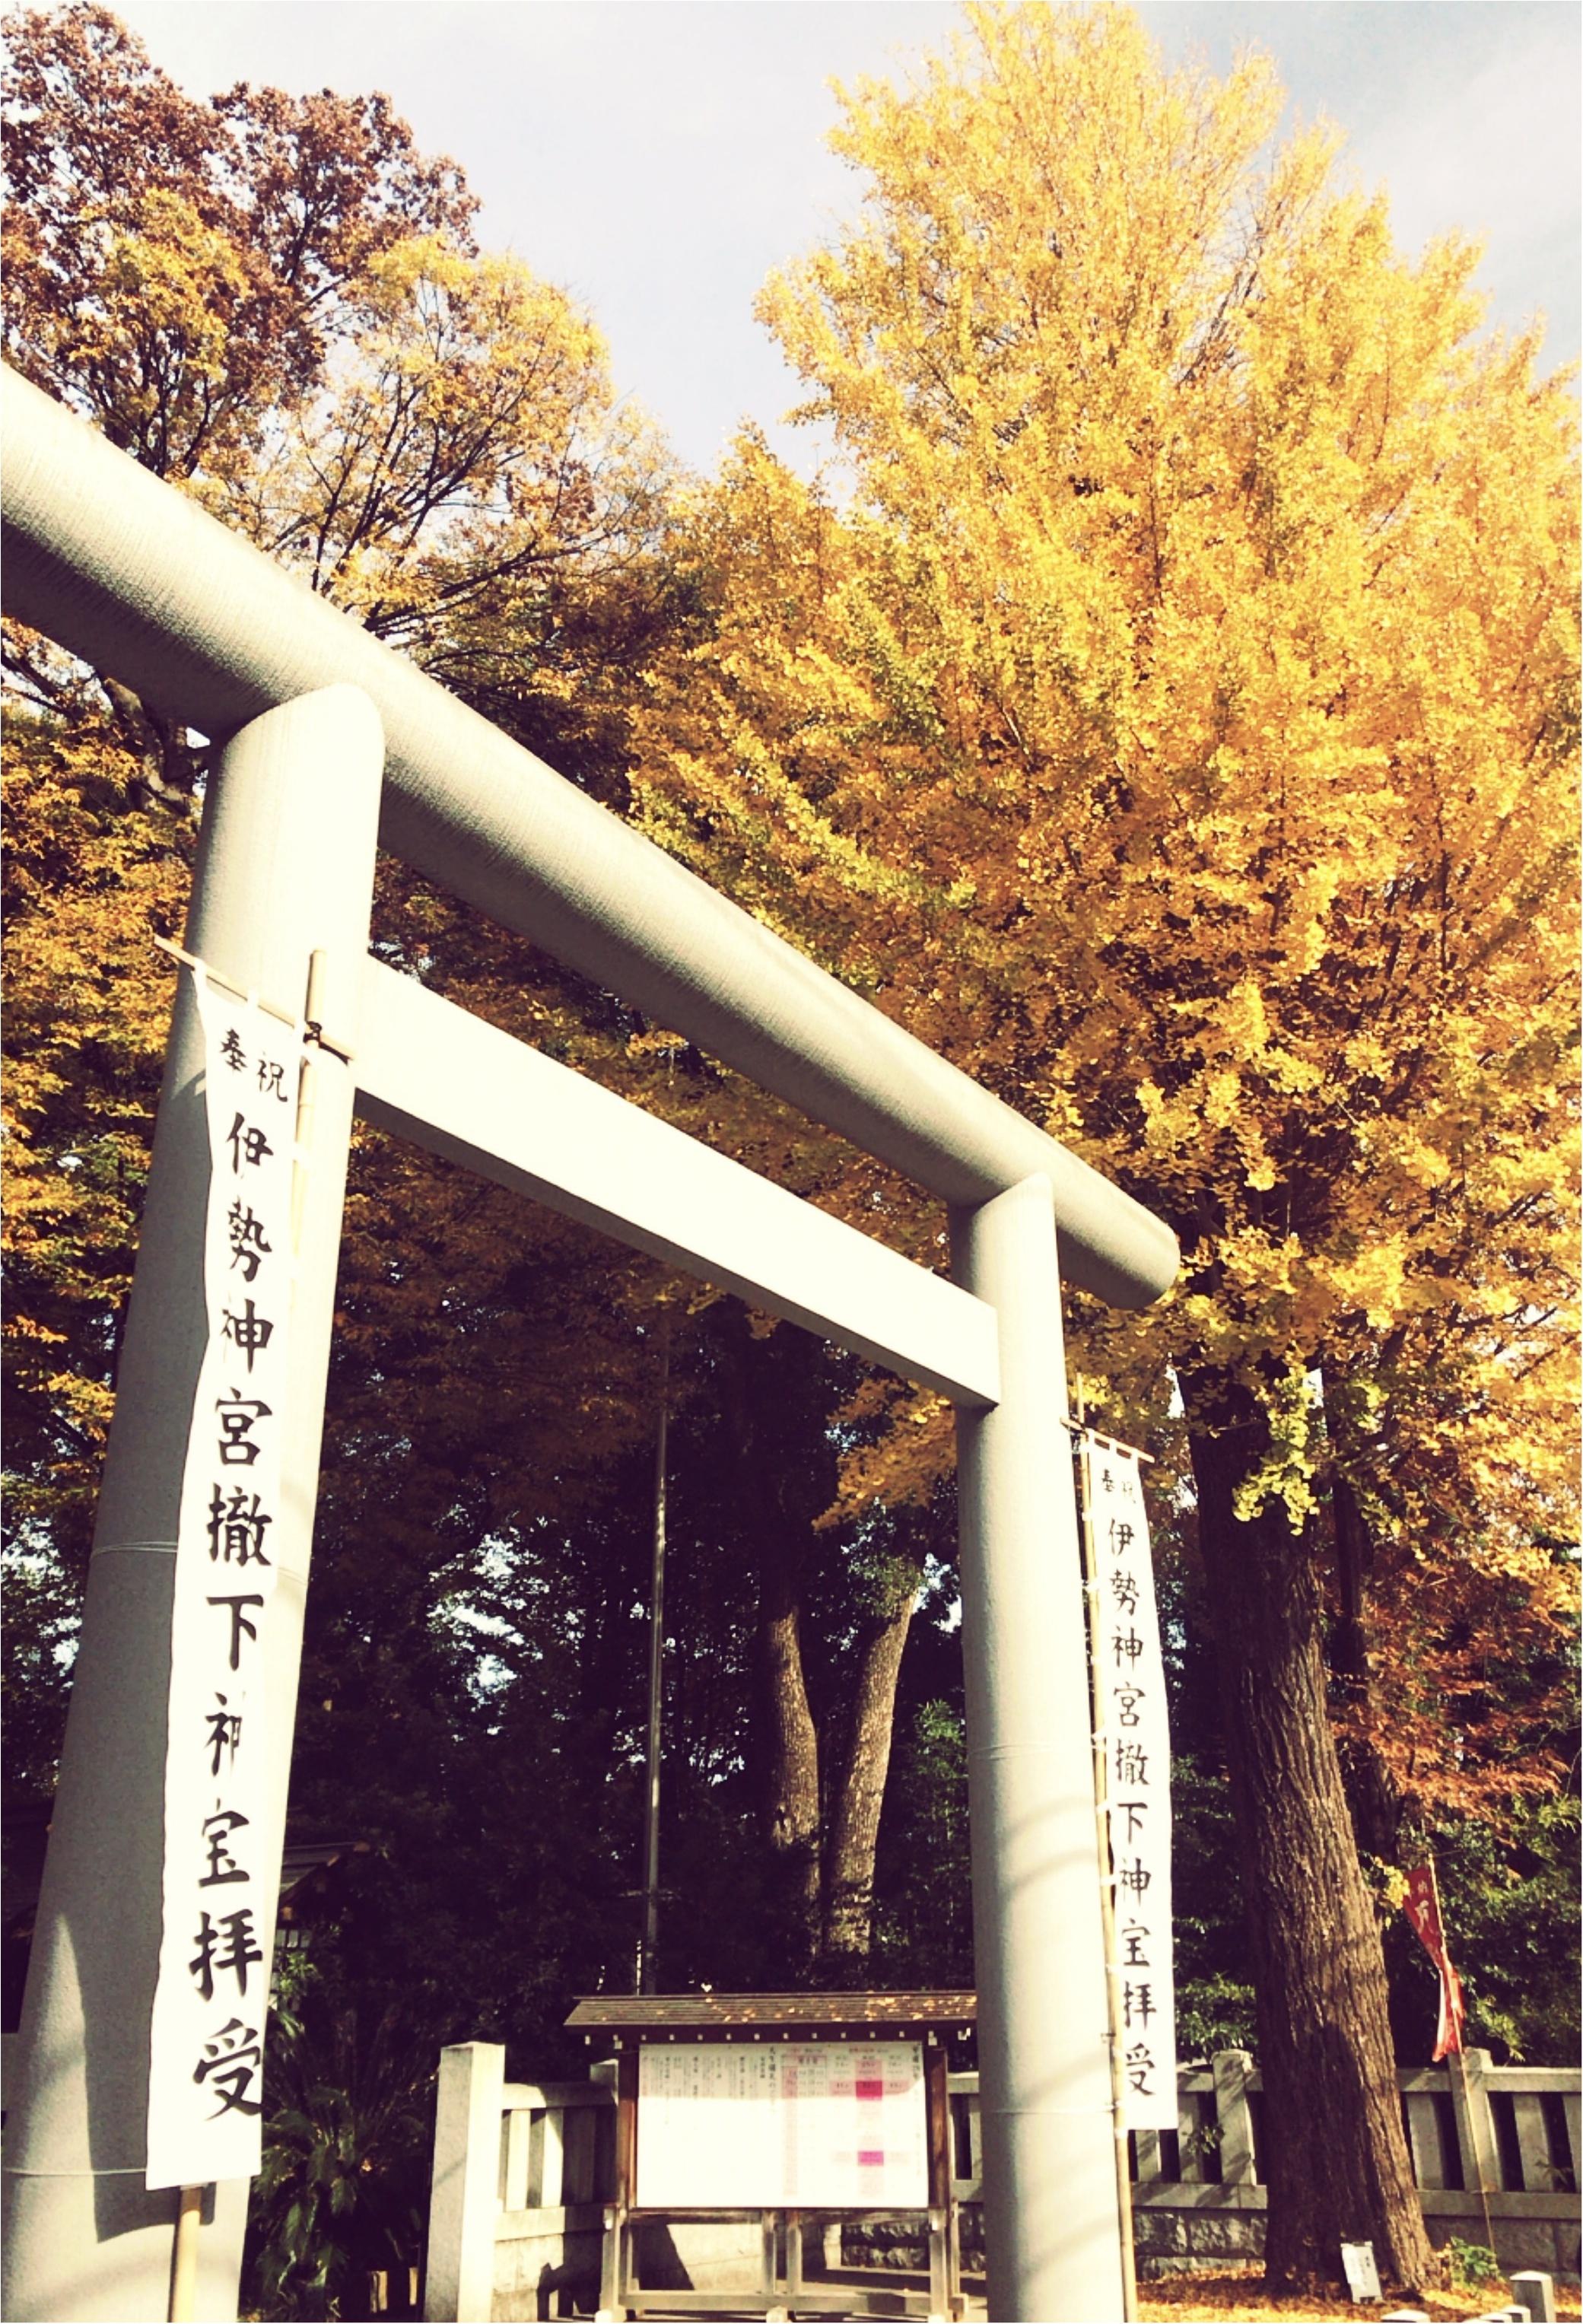 東京散歩~とっても可愛い身に付けるお守り&持ち帰り1時間以内じゃないと買えないモンブラン_2